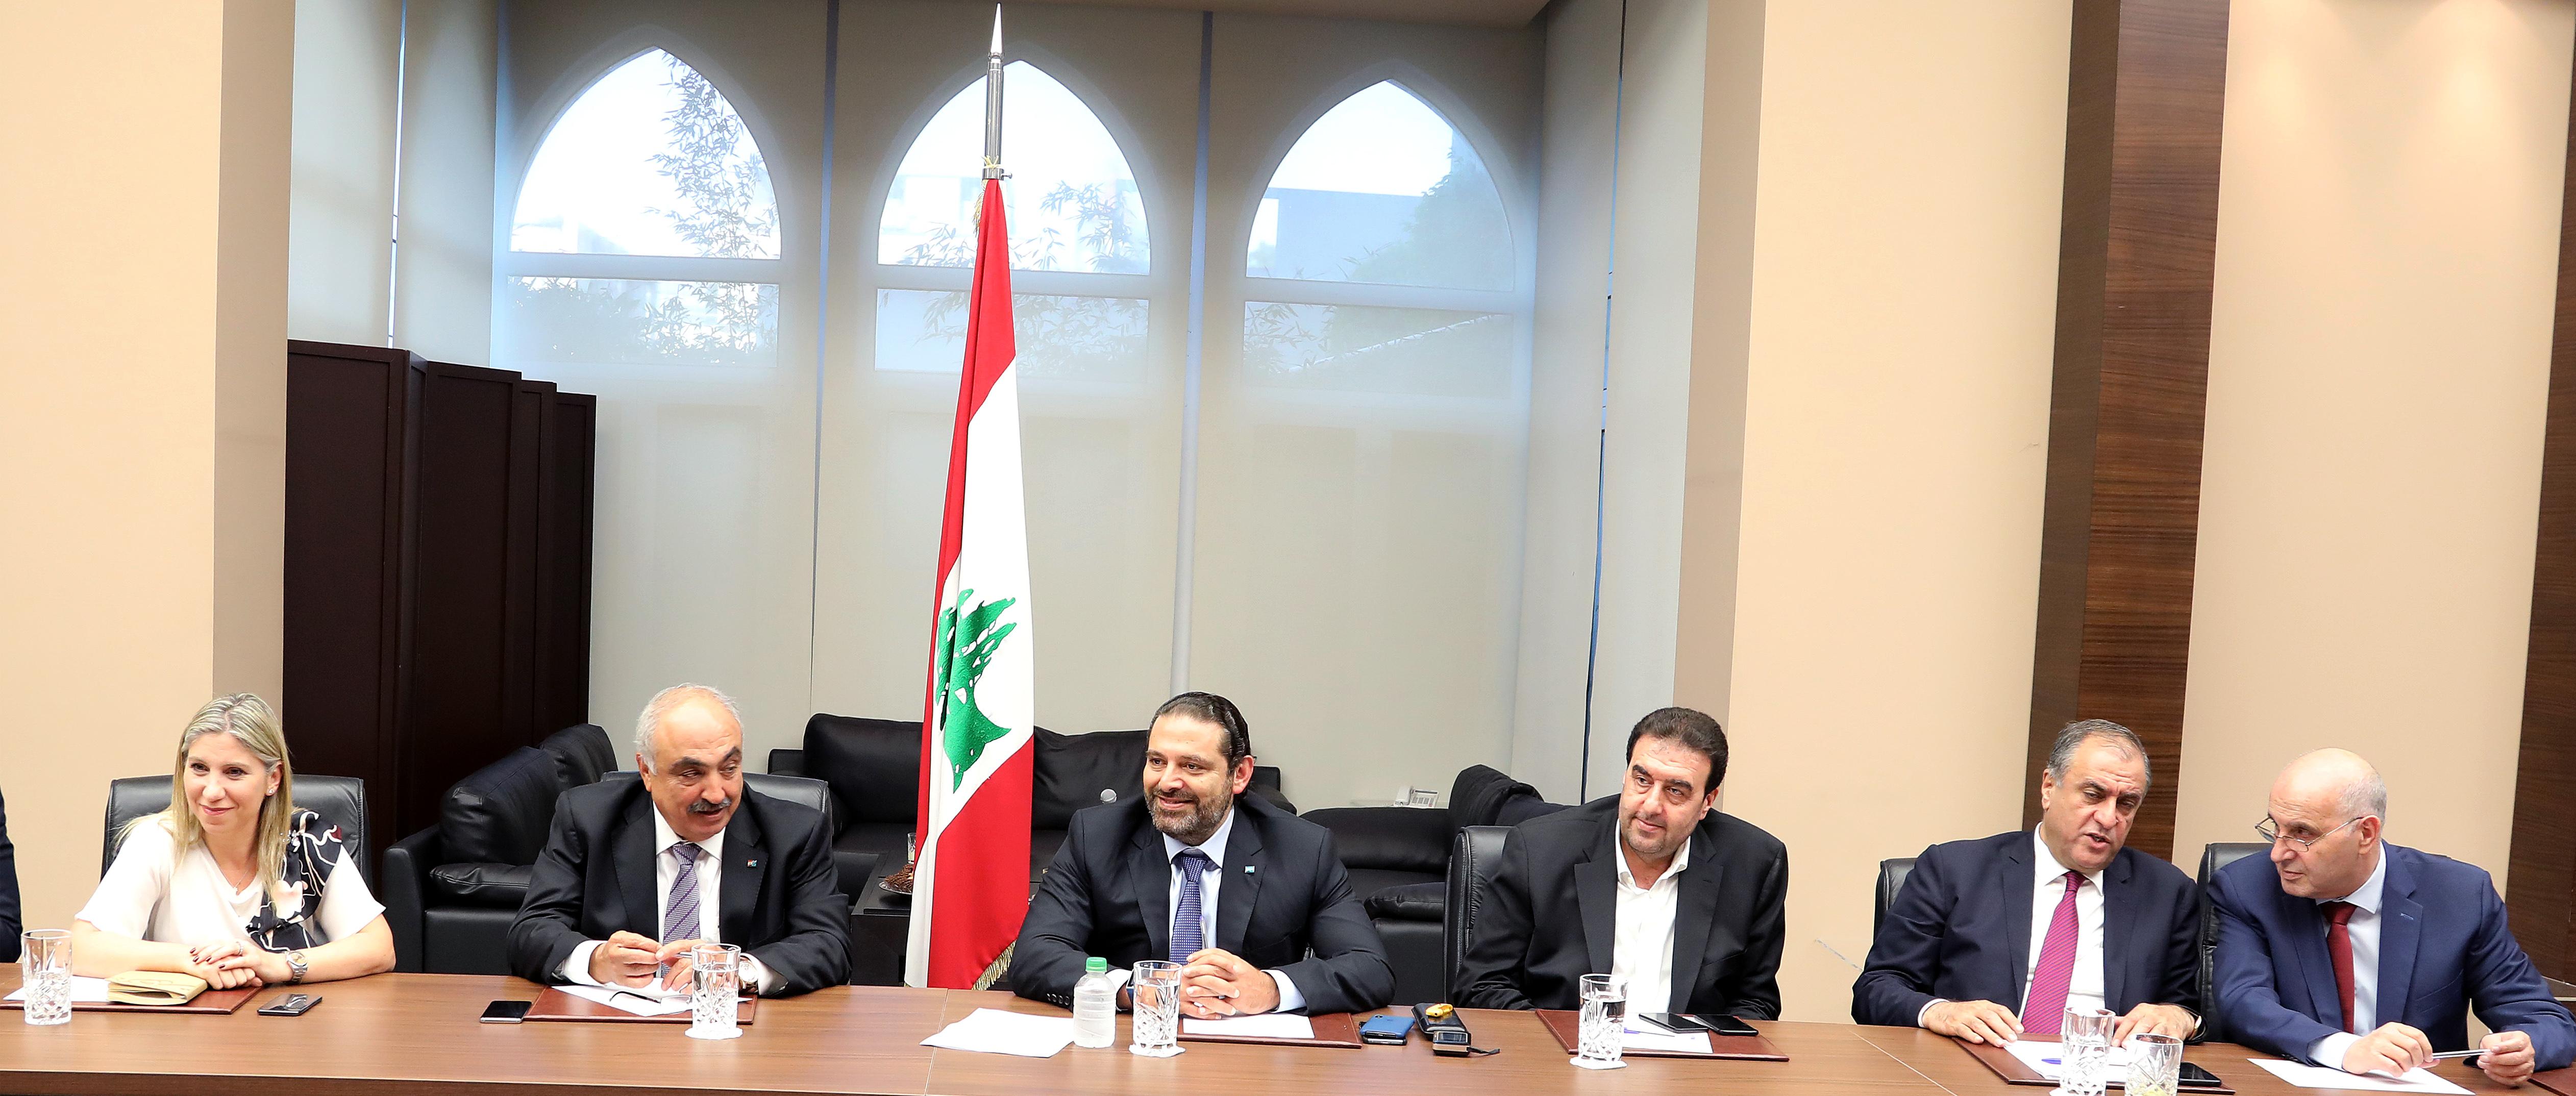 Pr Minister Saad Hariri Heading Almustabal MPs Bloc 1